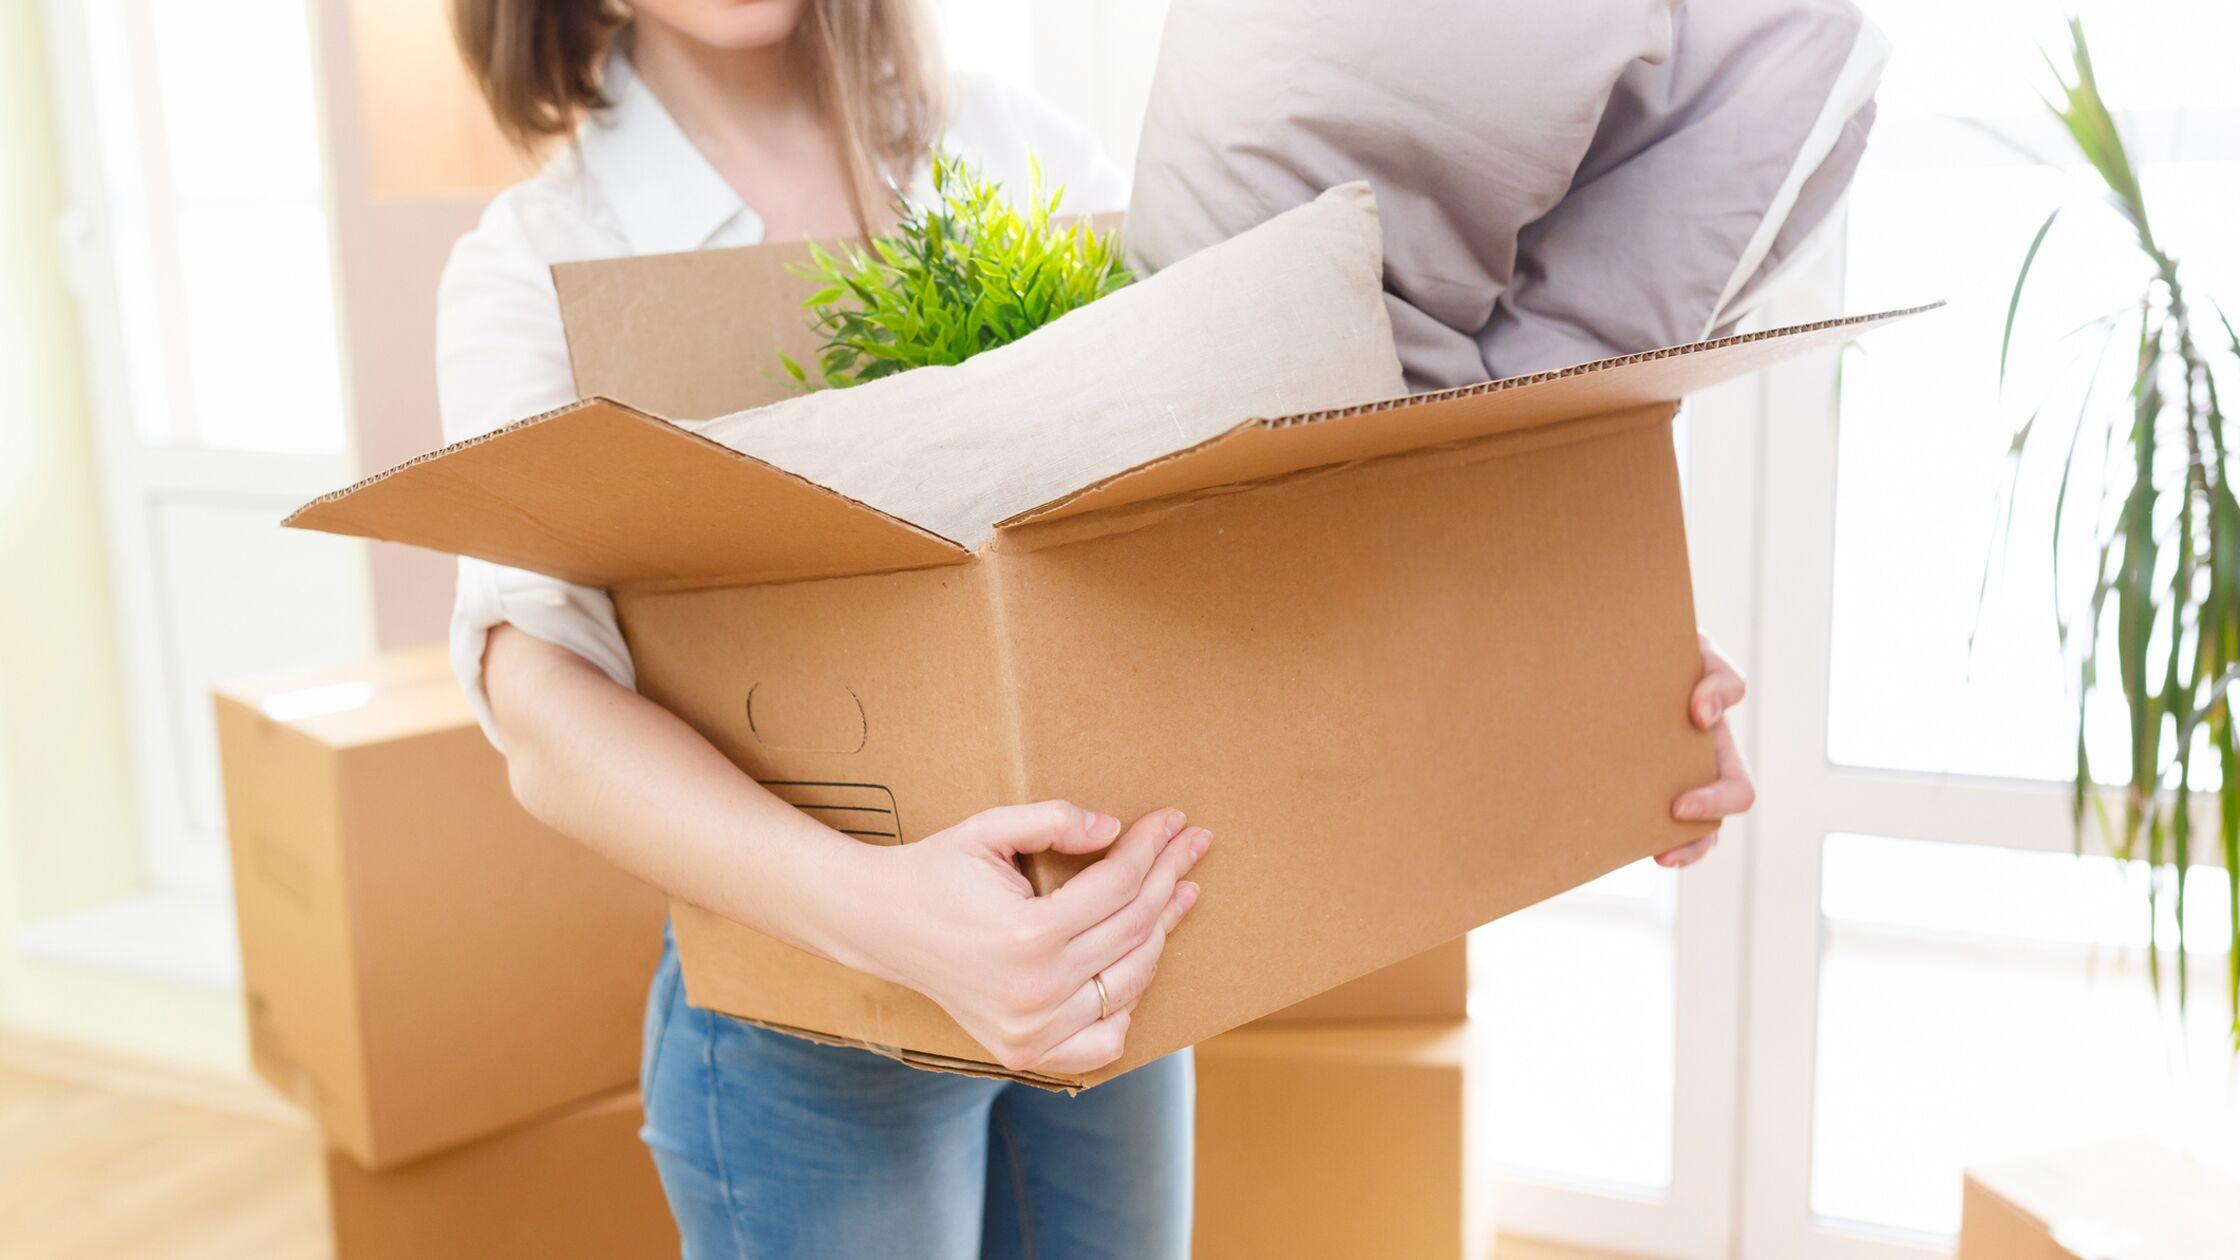 Junge Frau mit Umzugskarton in neuer Wohnung